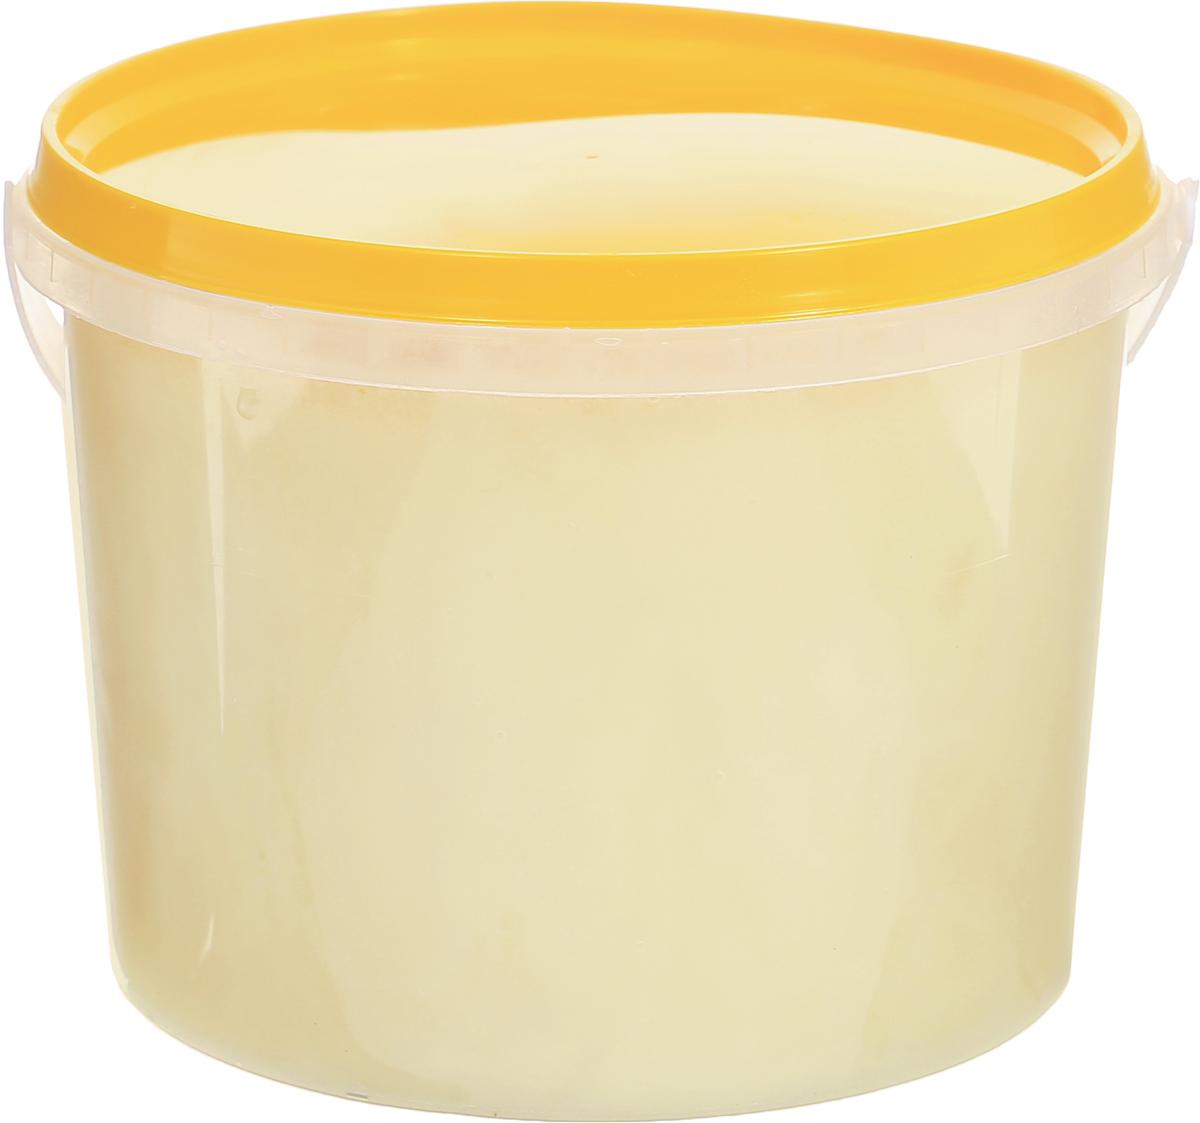 Медовед мед натуральный липовый башкирский, 1 кг4627123647576Когда начинают говорить о различных видах меда, то обязательно отметят как самый лучший среди них - липовый. В России леса с преобладанием липы составляют всего 0,4% от площади всех лесов и сосредоточены в основном на Урале в Башкортостане, преимущественно в Бурзянском районе. Липовый мед отличается сильно проявленными питательными и лечебными свойствами. Содержит летучие и нелетучие противомикробные вещества. Оказывает отхаркивающее и слегка слабительное действие. Незаменим при лечении ангины, насморка, ларингита, бронхита, трахеита, бронхиальной астмы. Хорош как сердечно-укрепляющее средство. Применяется при воспалении желудочно-кишечного тракта, почечных и желчных заболеваниях. Оказывает хорошее местное лечение при гнойных ранах и ожогах.